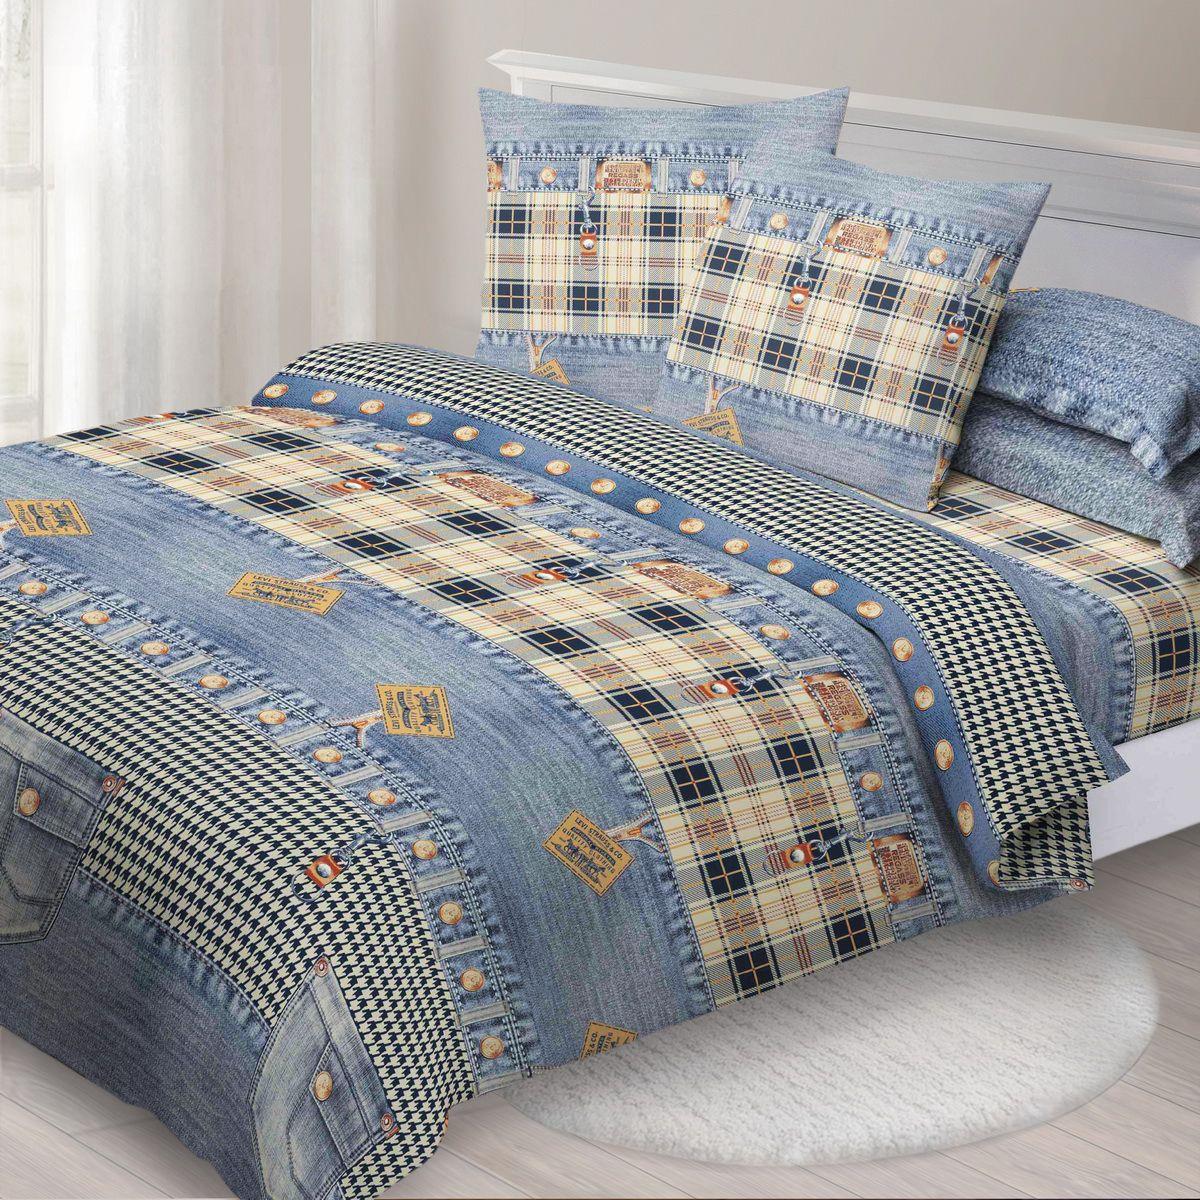 Комплект белья Спал Спалыч Деним, 2-спальное, наволочки 70x70, цвет: синий01-1312-1Спал Спалыч - недорогое, но качественное постельное белье из белорусской бязи. Актуальные дизайны, авторская упаковка в сочетании с качественными материалами и приемлемой ценой - залог успеха Спал Спалыча!В ассортименте широкая линейка домашнего текстиля для всей семьи - современные дизайны современному покупателю! Ткань обработана по технологии PERFECT WAY - благодаря чему, она становится более гладкой и шелковистой.• Бязь Барановичи 100% хлопок• Плотность ткани - 125 гр/кв.м.